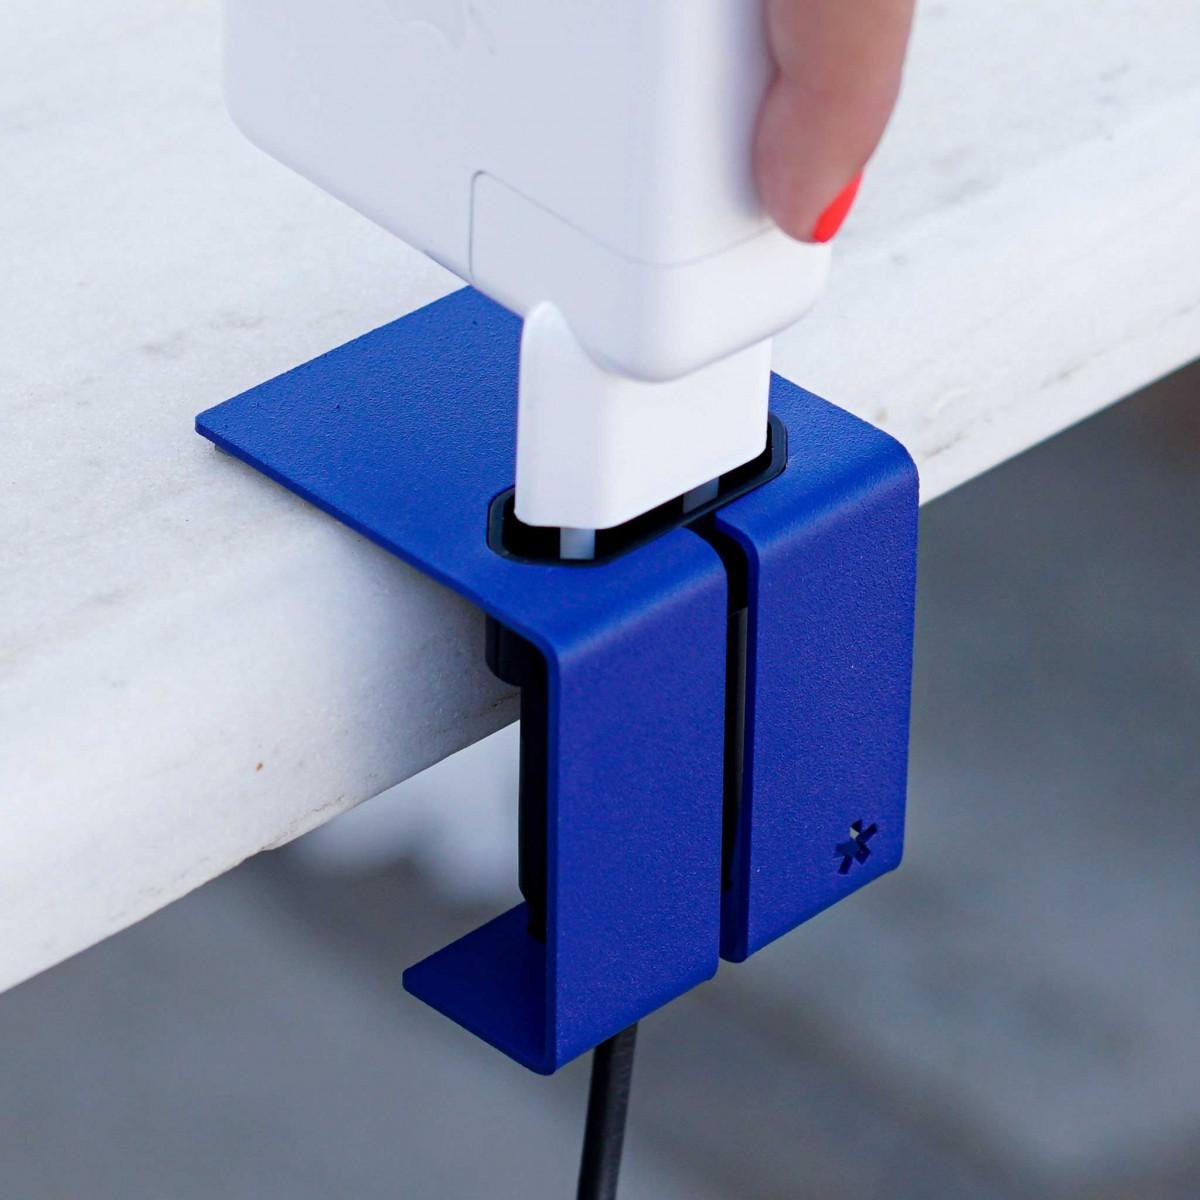 PLUG 1 | STECKDOSEN-CLIP mit 2,5 m VERLÄNGERUNGSKABEL | Stahlverkleidung | Peppermint Products